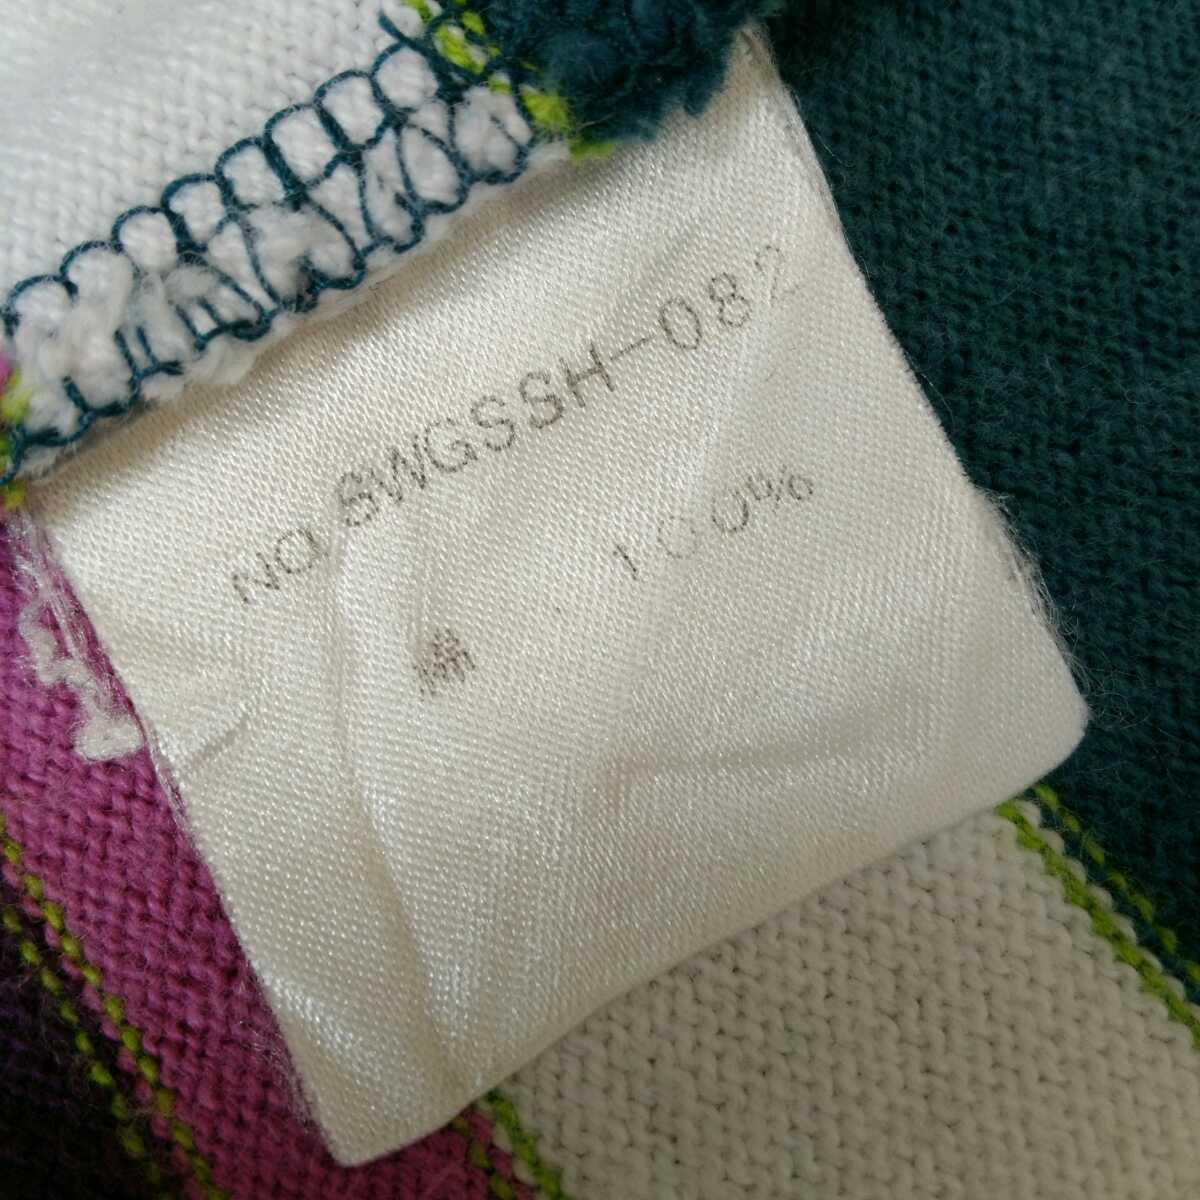 スワッガー SWAGGER 日本製 メンズM マルチカラー ボーダー柄 半袖 ポロシャツ ラガーシャツ 古着女子 フルジョ レディース カジュアル/D18